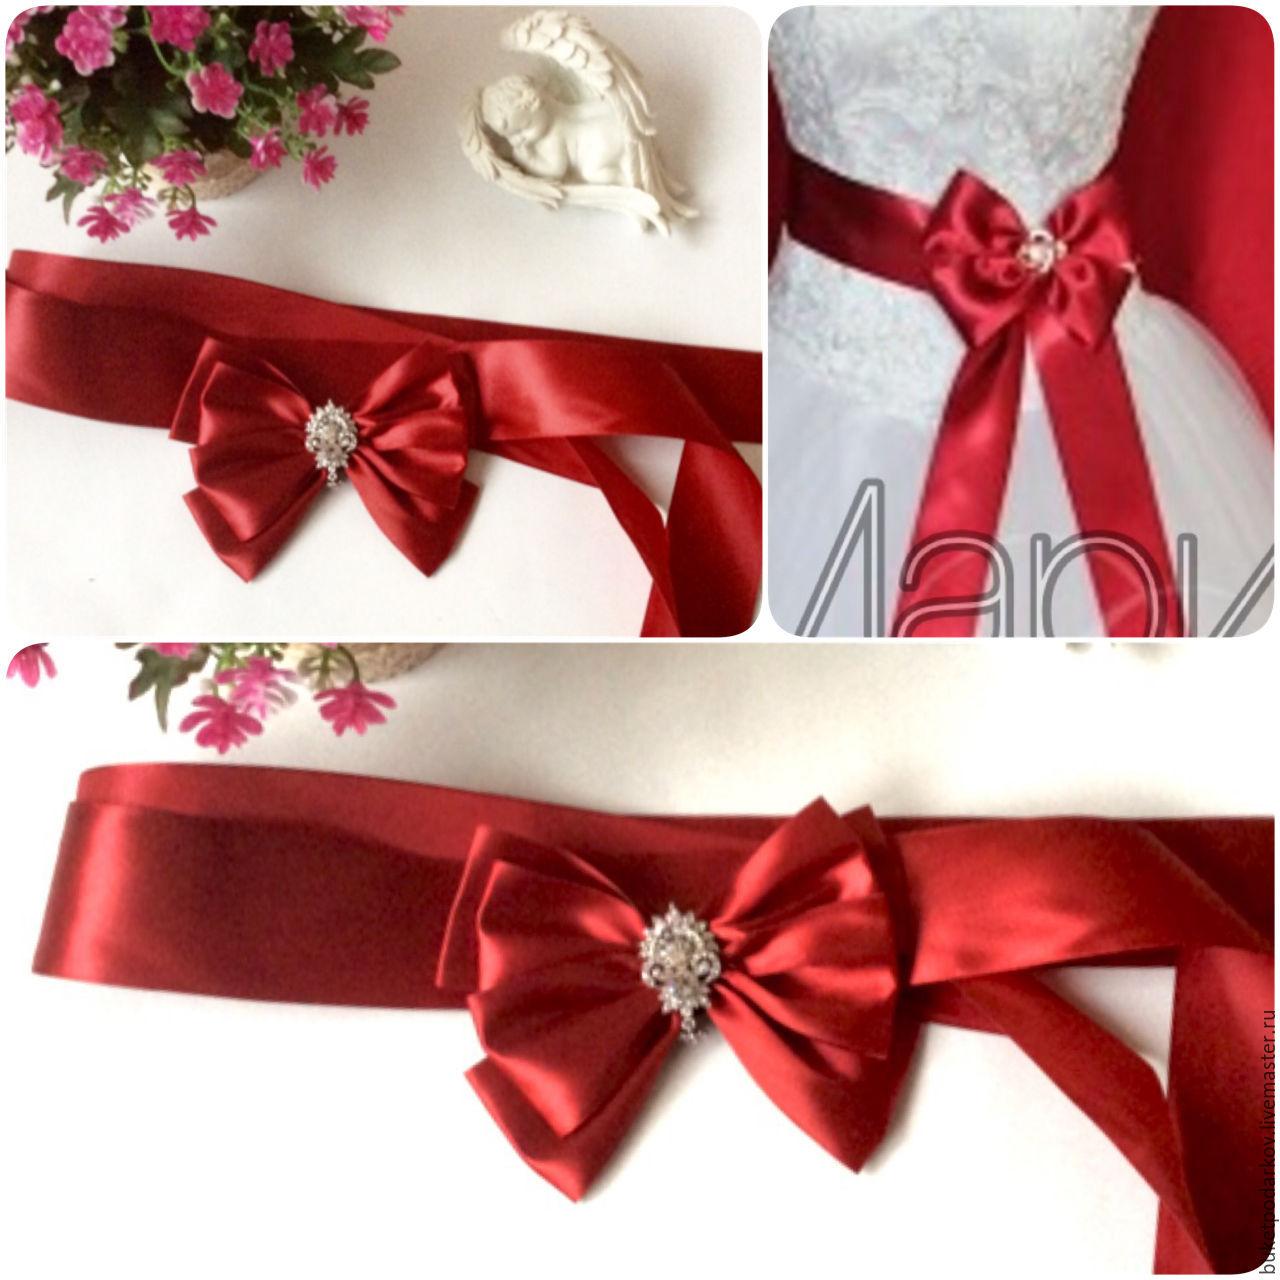 64d30cd5d48 Купить Пояс для свадебного Одежда и аксессуары ручной работы. Пояс для свадебного  платья.